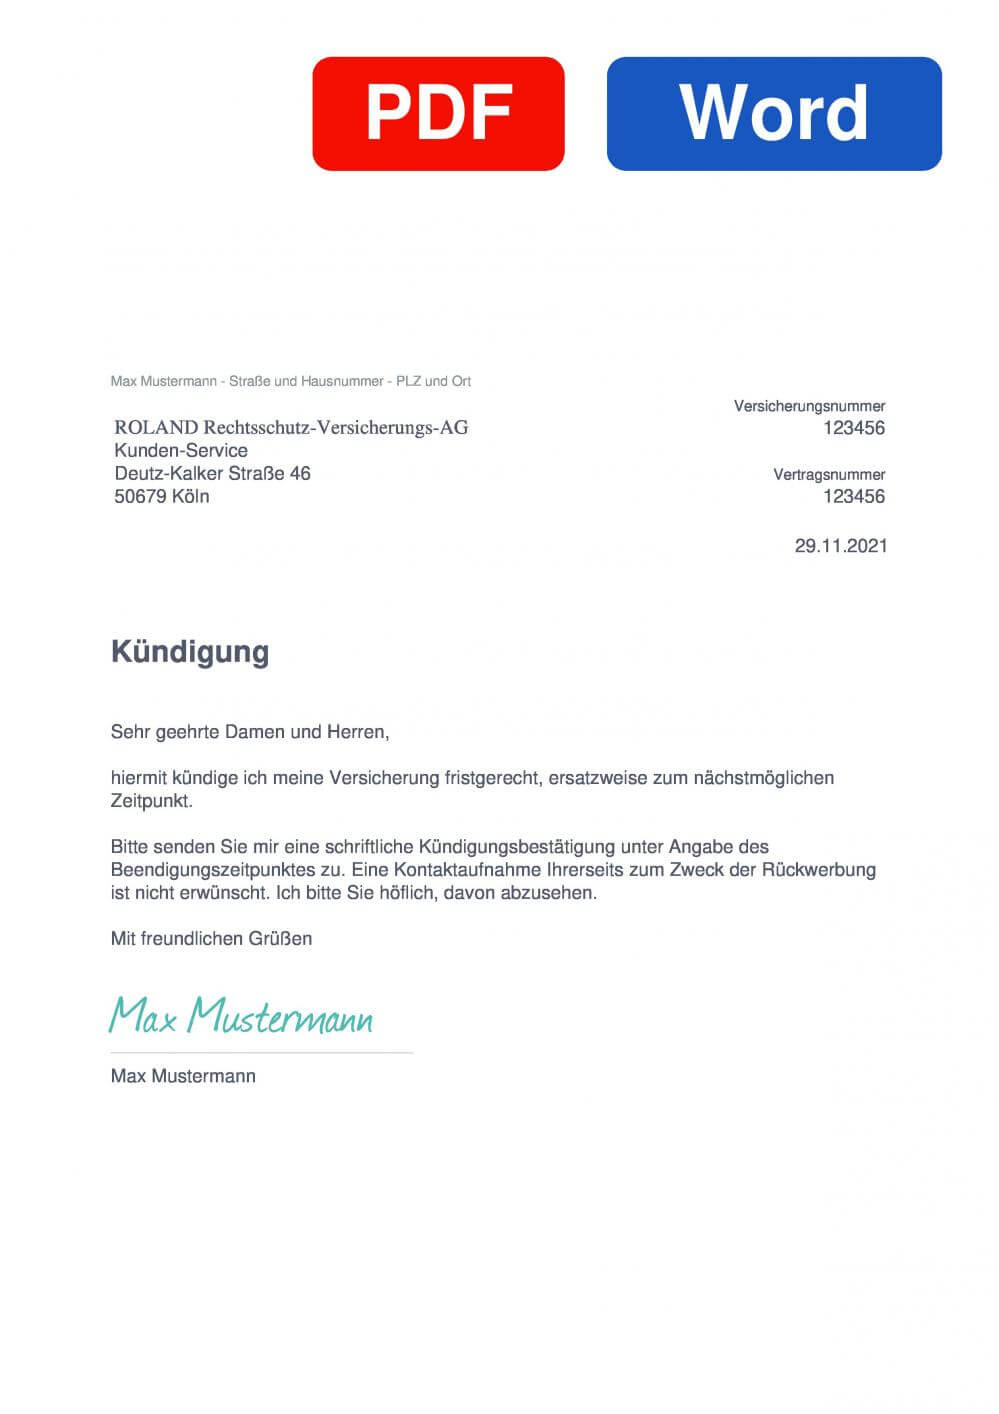 Roland Versicherung Muster Vorlage für Kündigungsschreiben